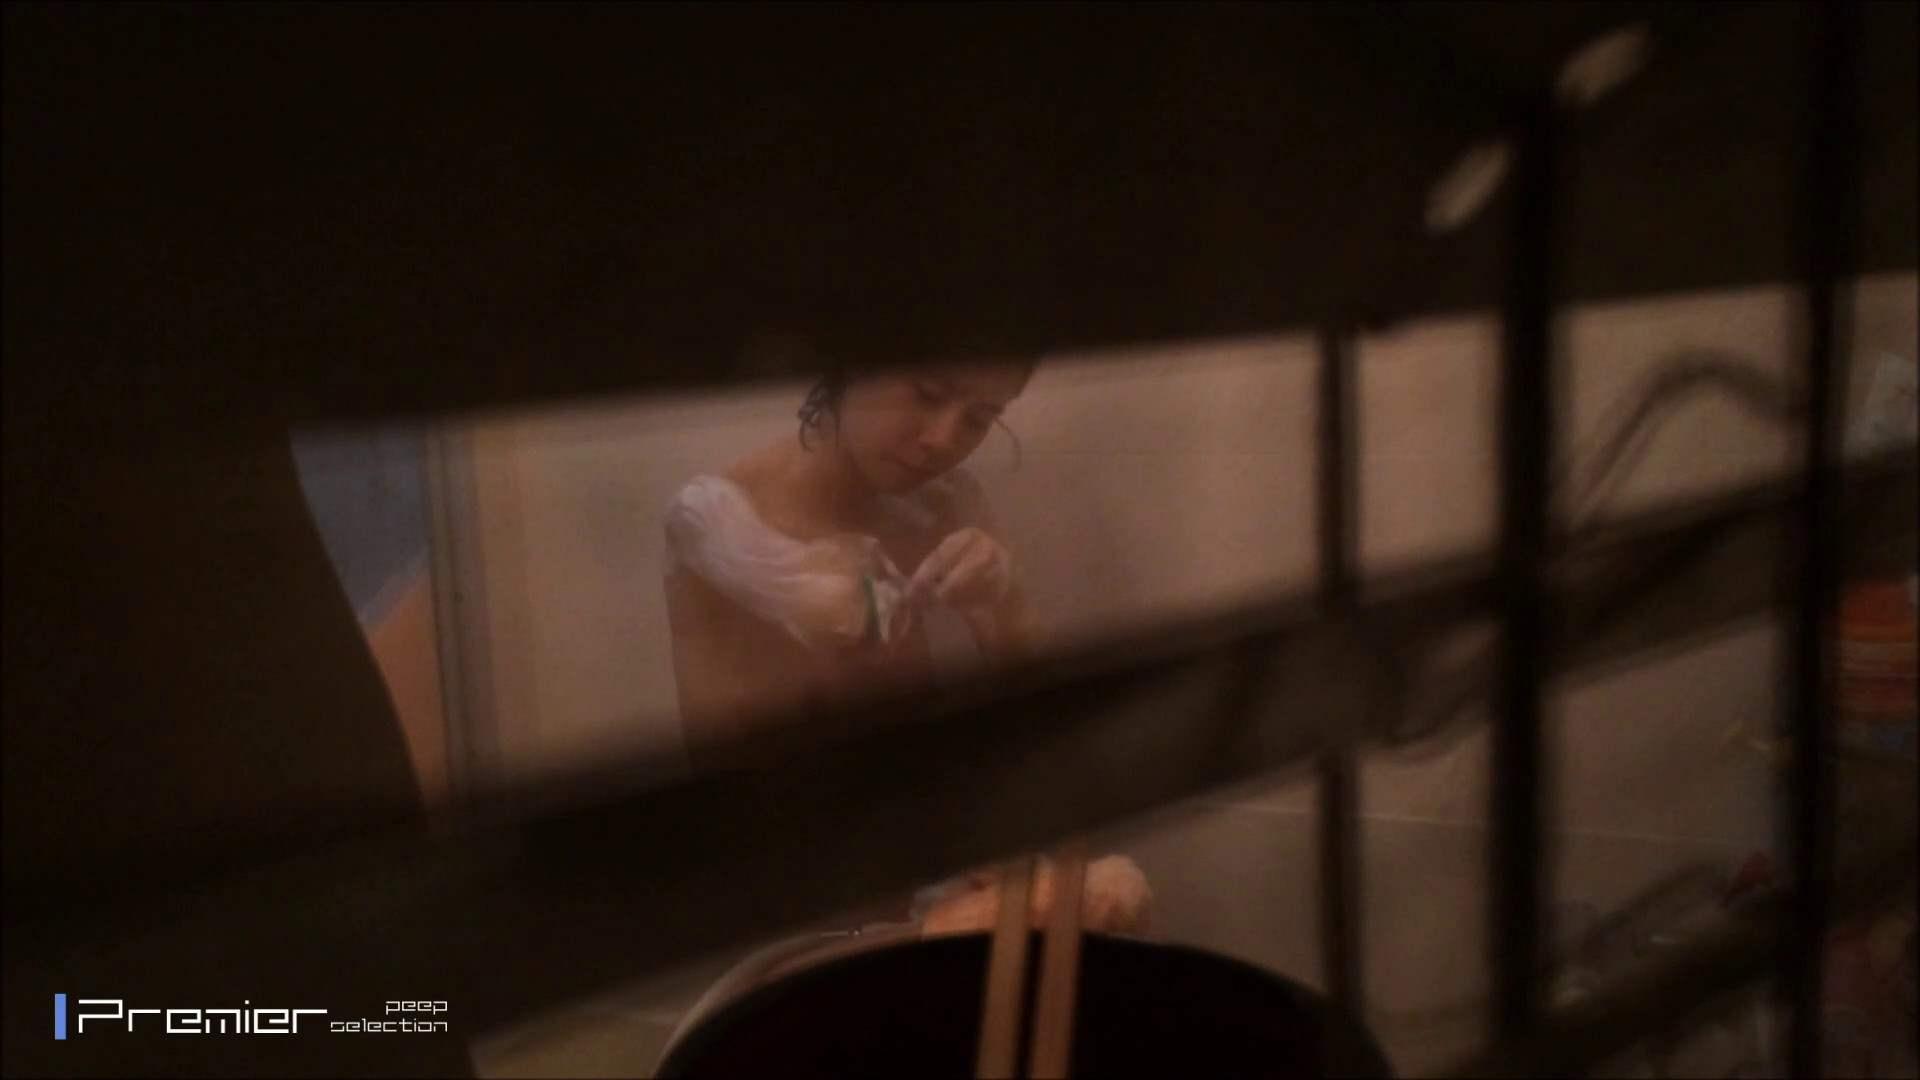 高画質フルハイビジョン スレンダー美女の入浴 乙女の風呂場 Vol.04 高評価 オメコ無修正動画無料 75画像 53